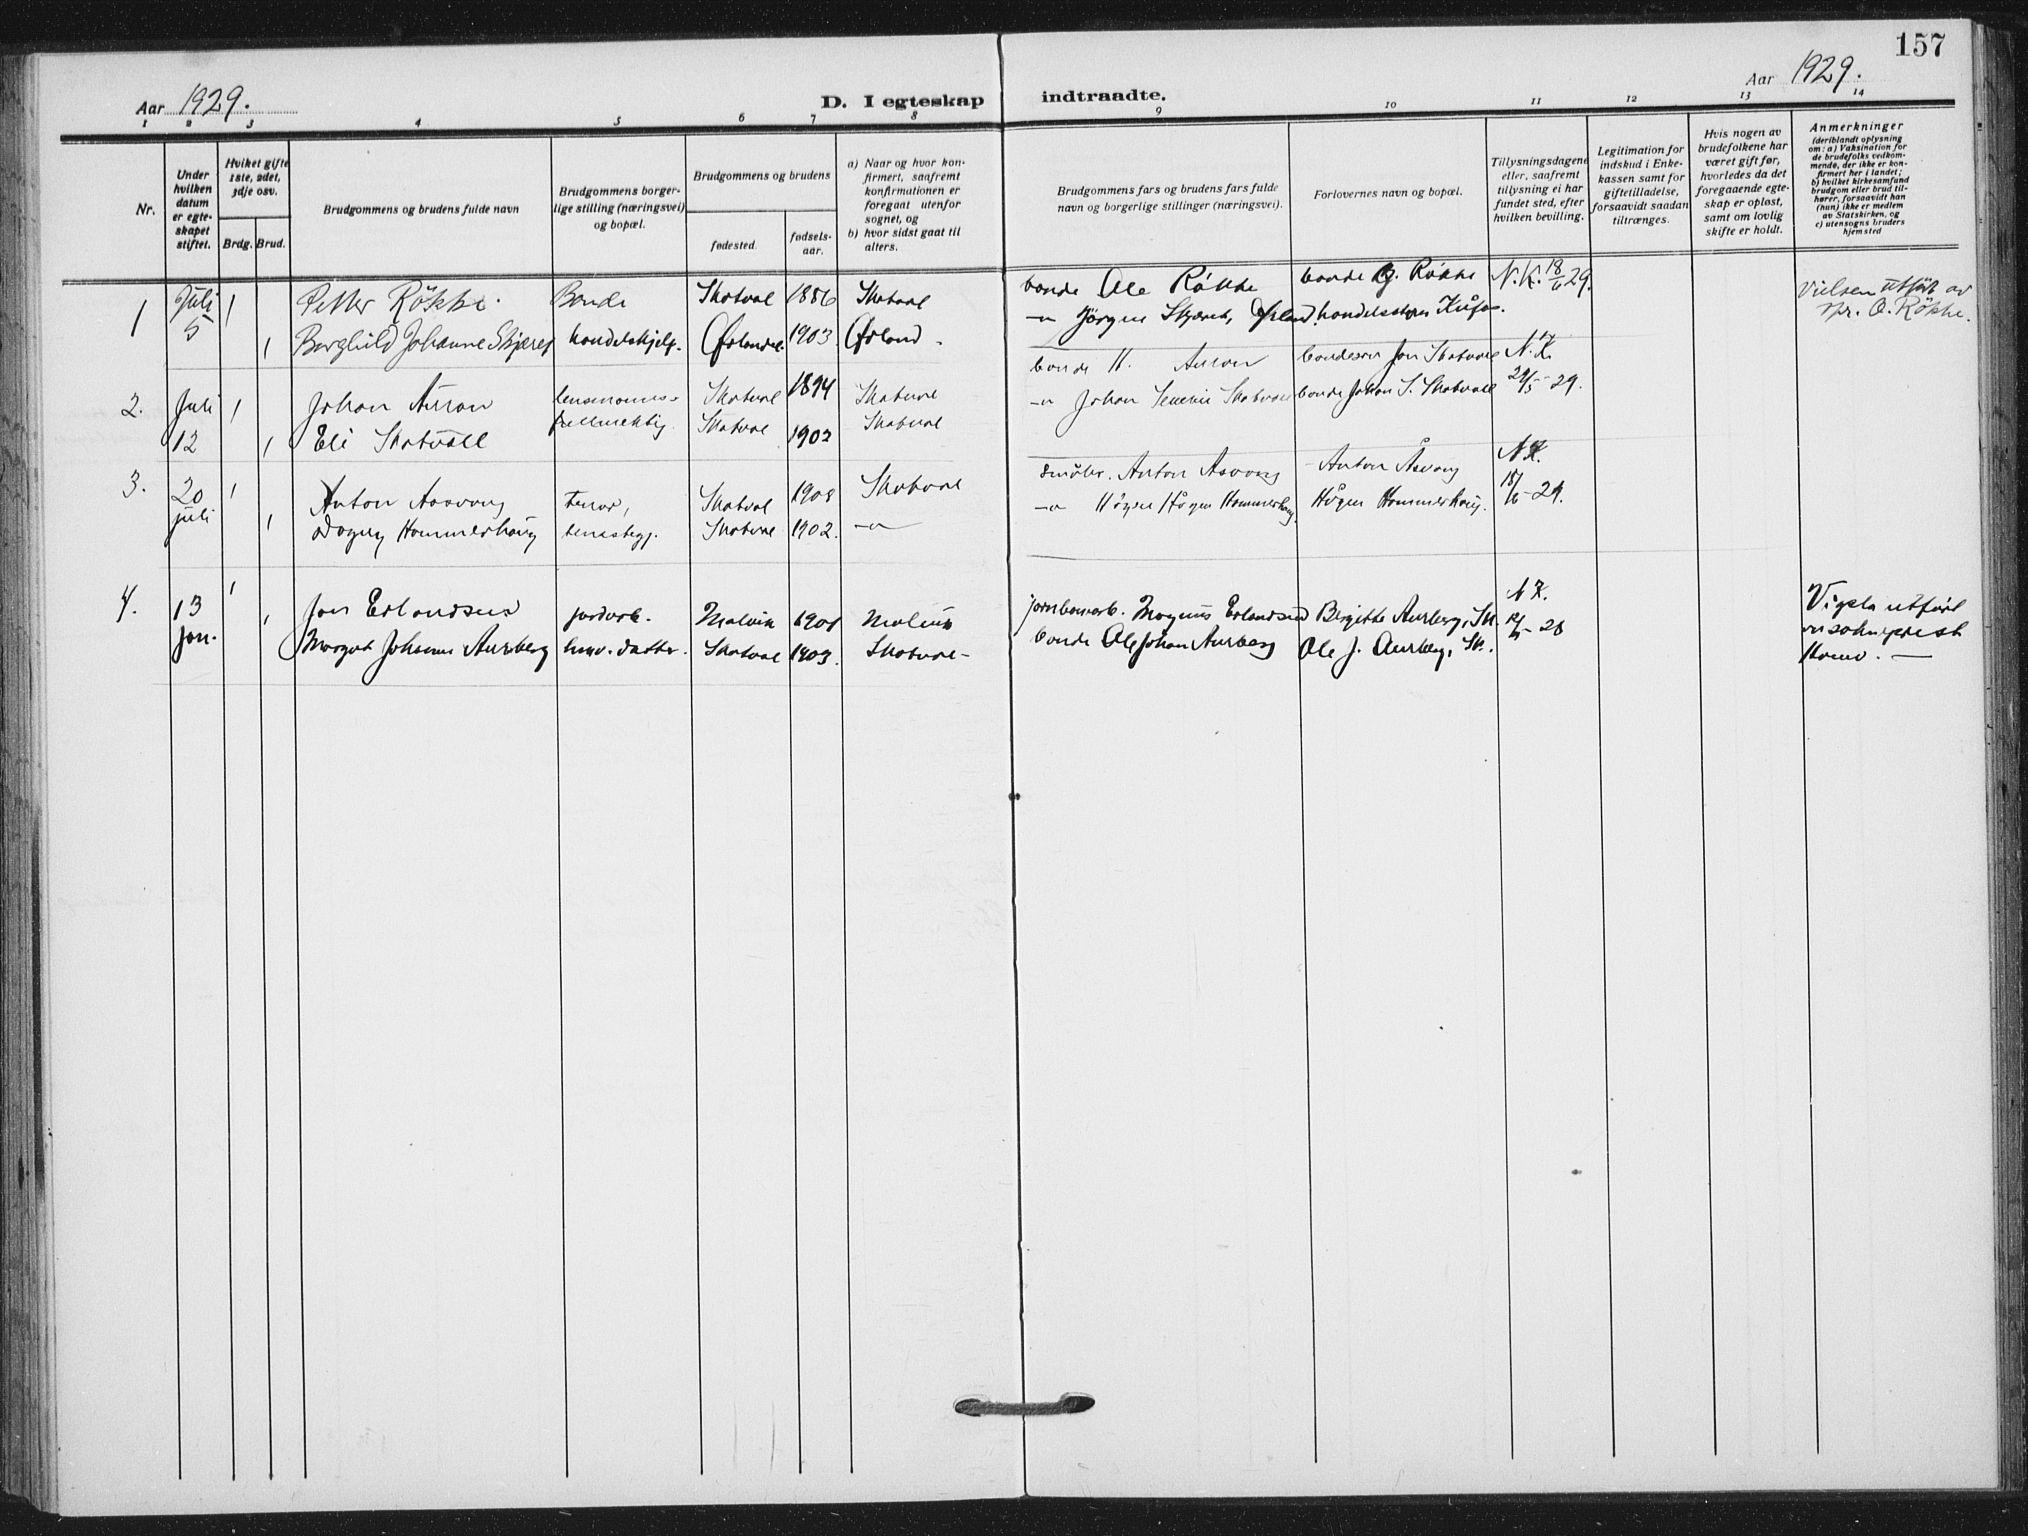 SAT, Ministerialprotokoller, klokkerbøker og fødselsregistre - Nord-Trøndelag, 712/L0102: Ministerialbok nr. 712A03, 1916-1929, s. 157